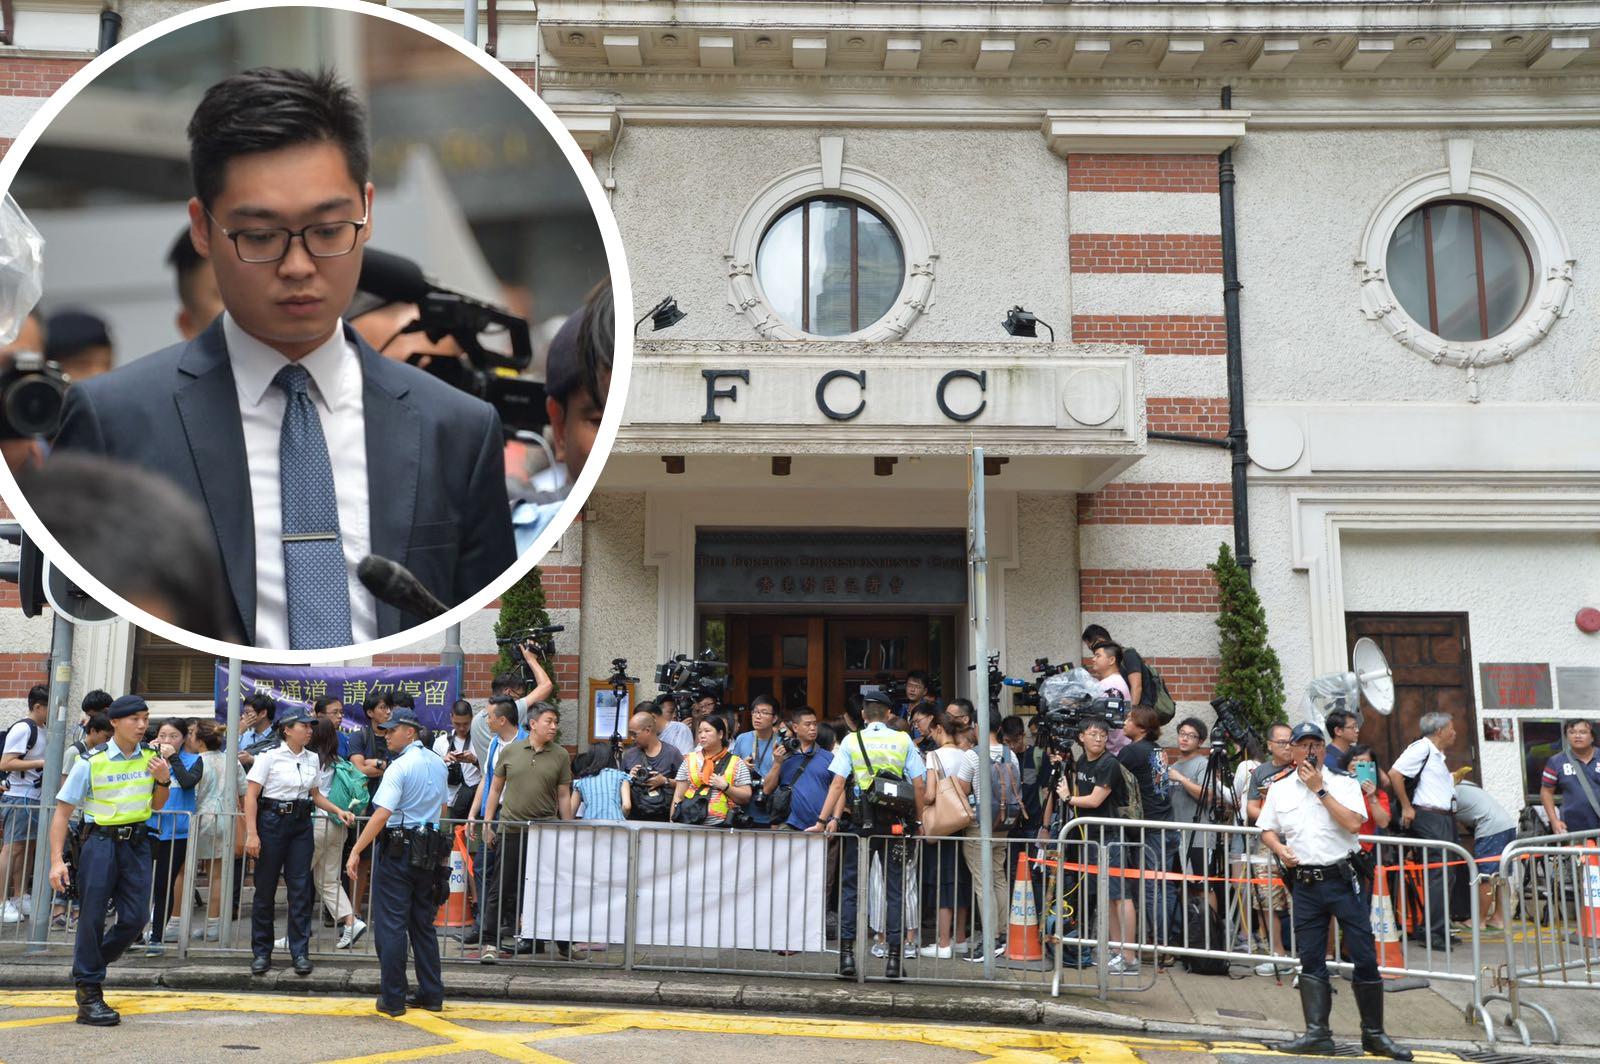 FCC邀請陳浩天(圓圖)出席午餐會演講,遭32名建制派立法會議員發聲明予以強烈譴責。盧江球/蘇正謙攝